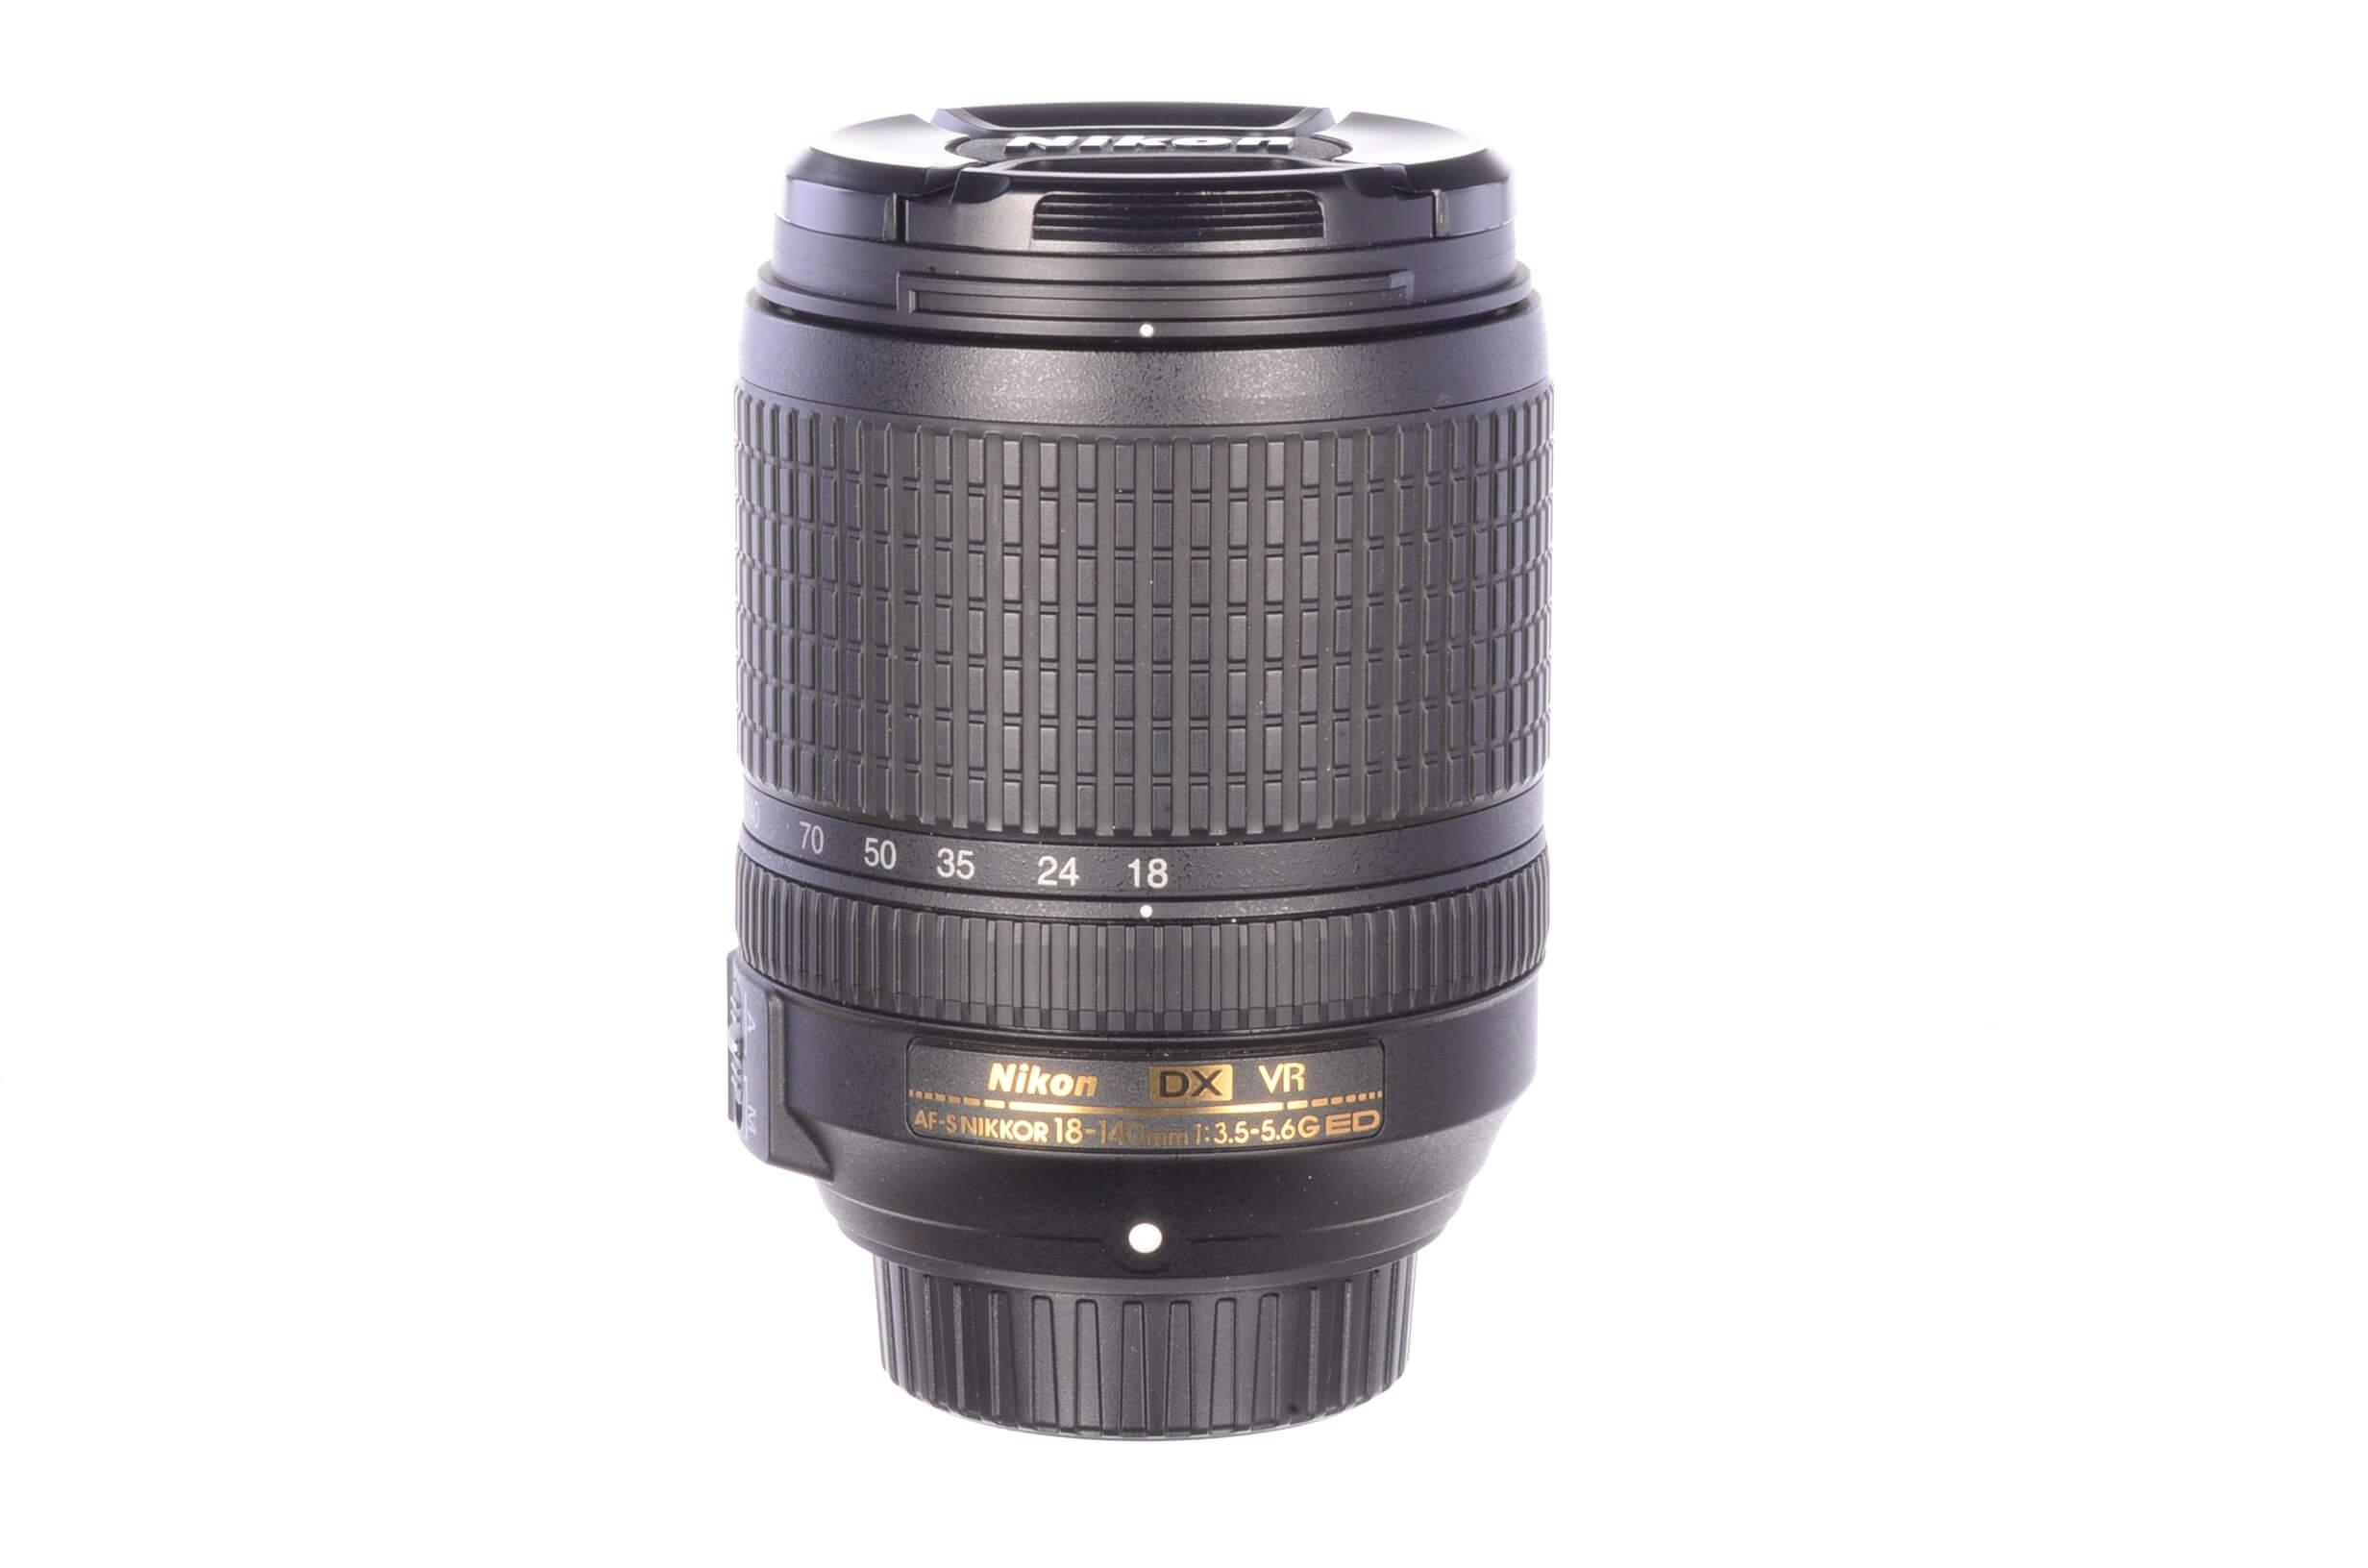 Nikon 18-140mm f3.5-5.6 AF-S DX G ED VR, stunning!